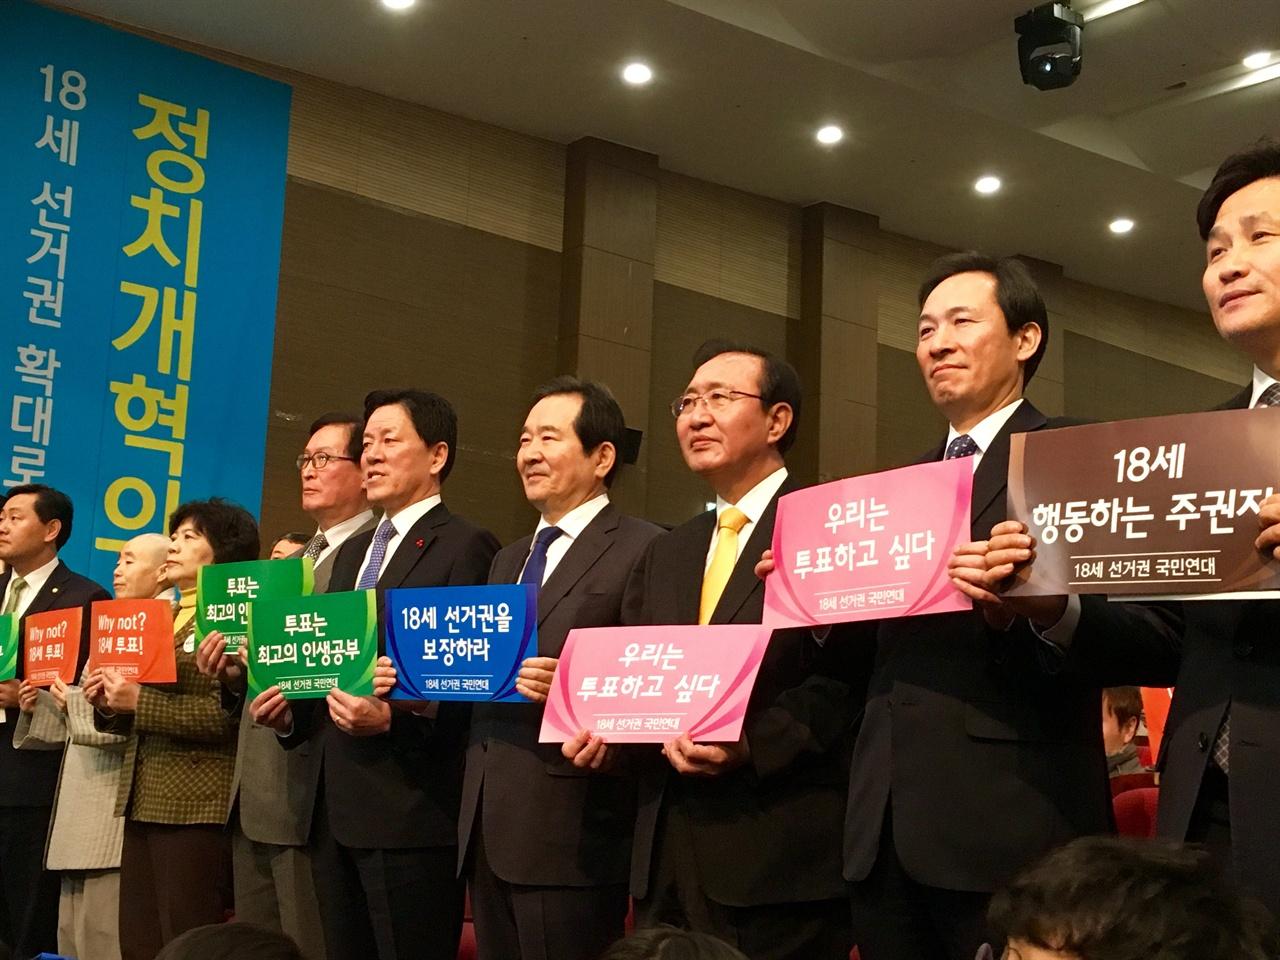 19일 오전 18세 선거권 보장을 위한 국민대회가 국회 의원회관 대회의실에서 열렸다. 행사에 참석한 국회의원들이 손피켓을 들고있다.